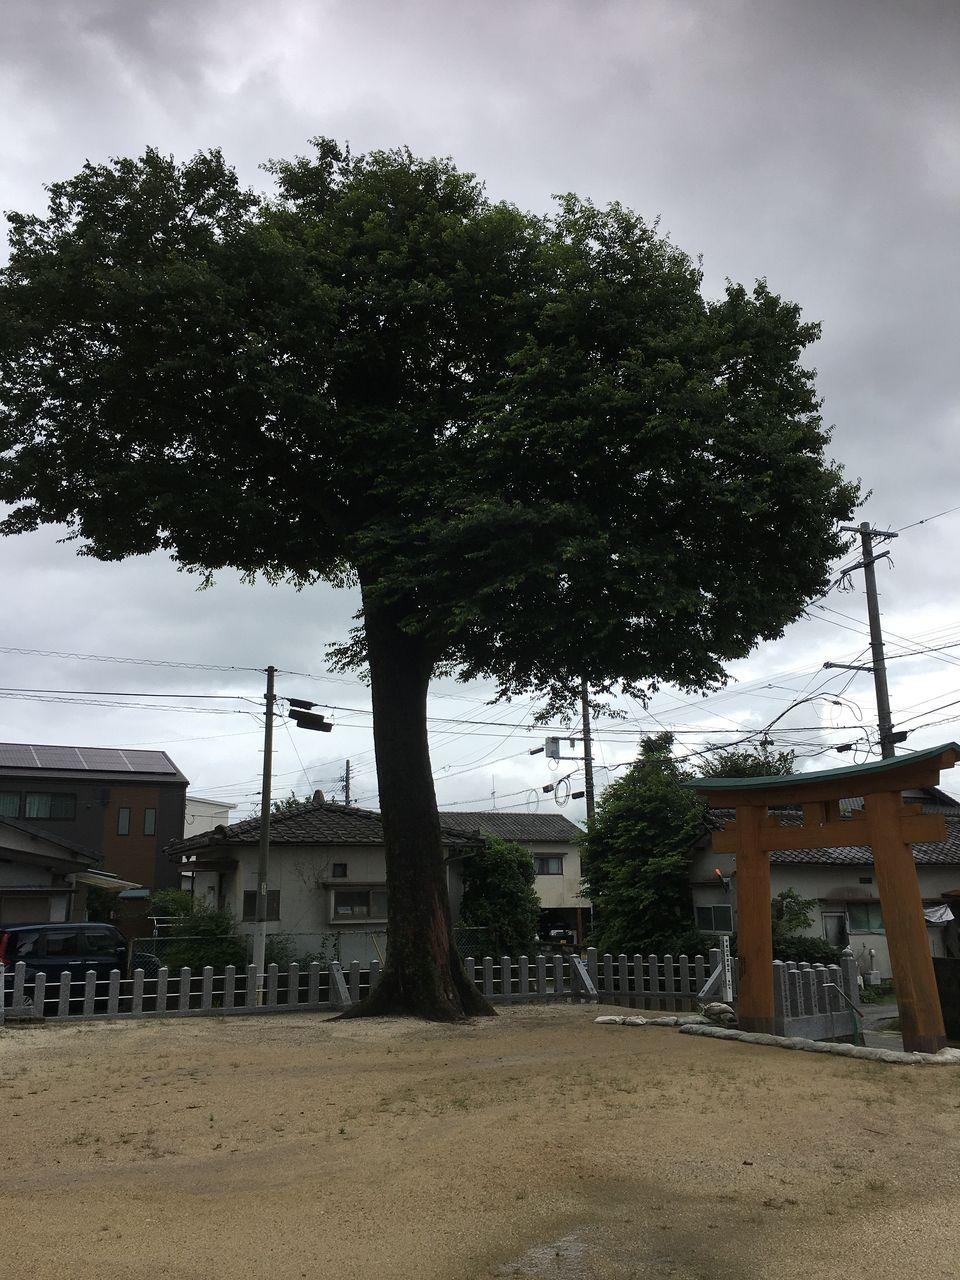 境内に水が溜まる中にも由々しく聳える熊本市の指定木